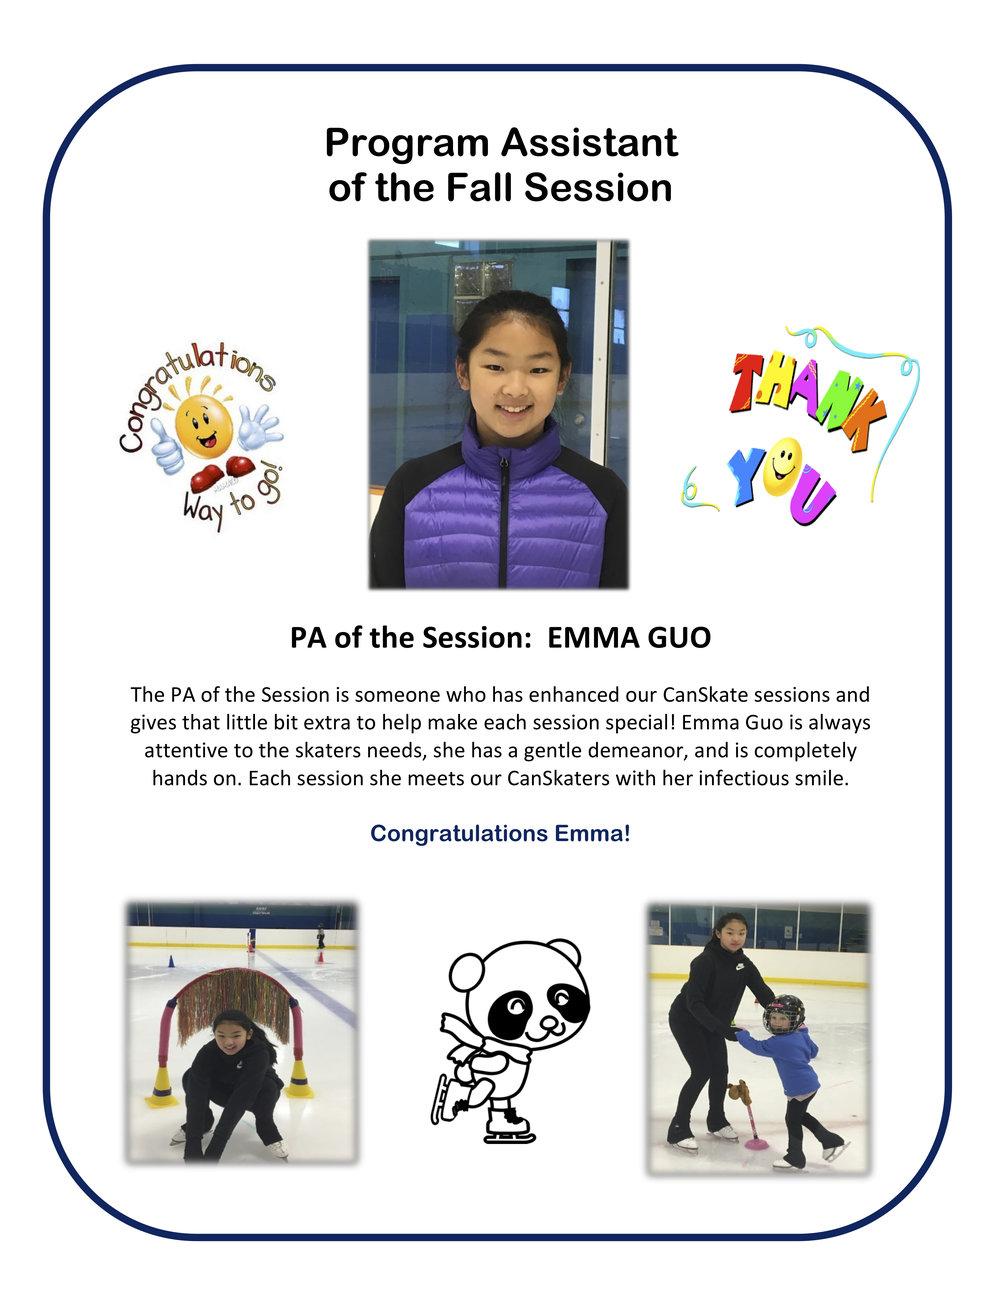 PA of Fall Sess - Emma Guo.jpg